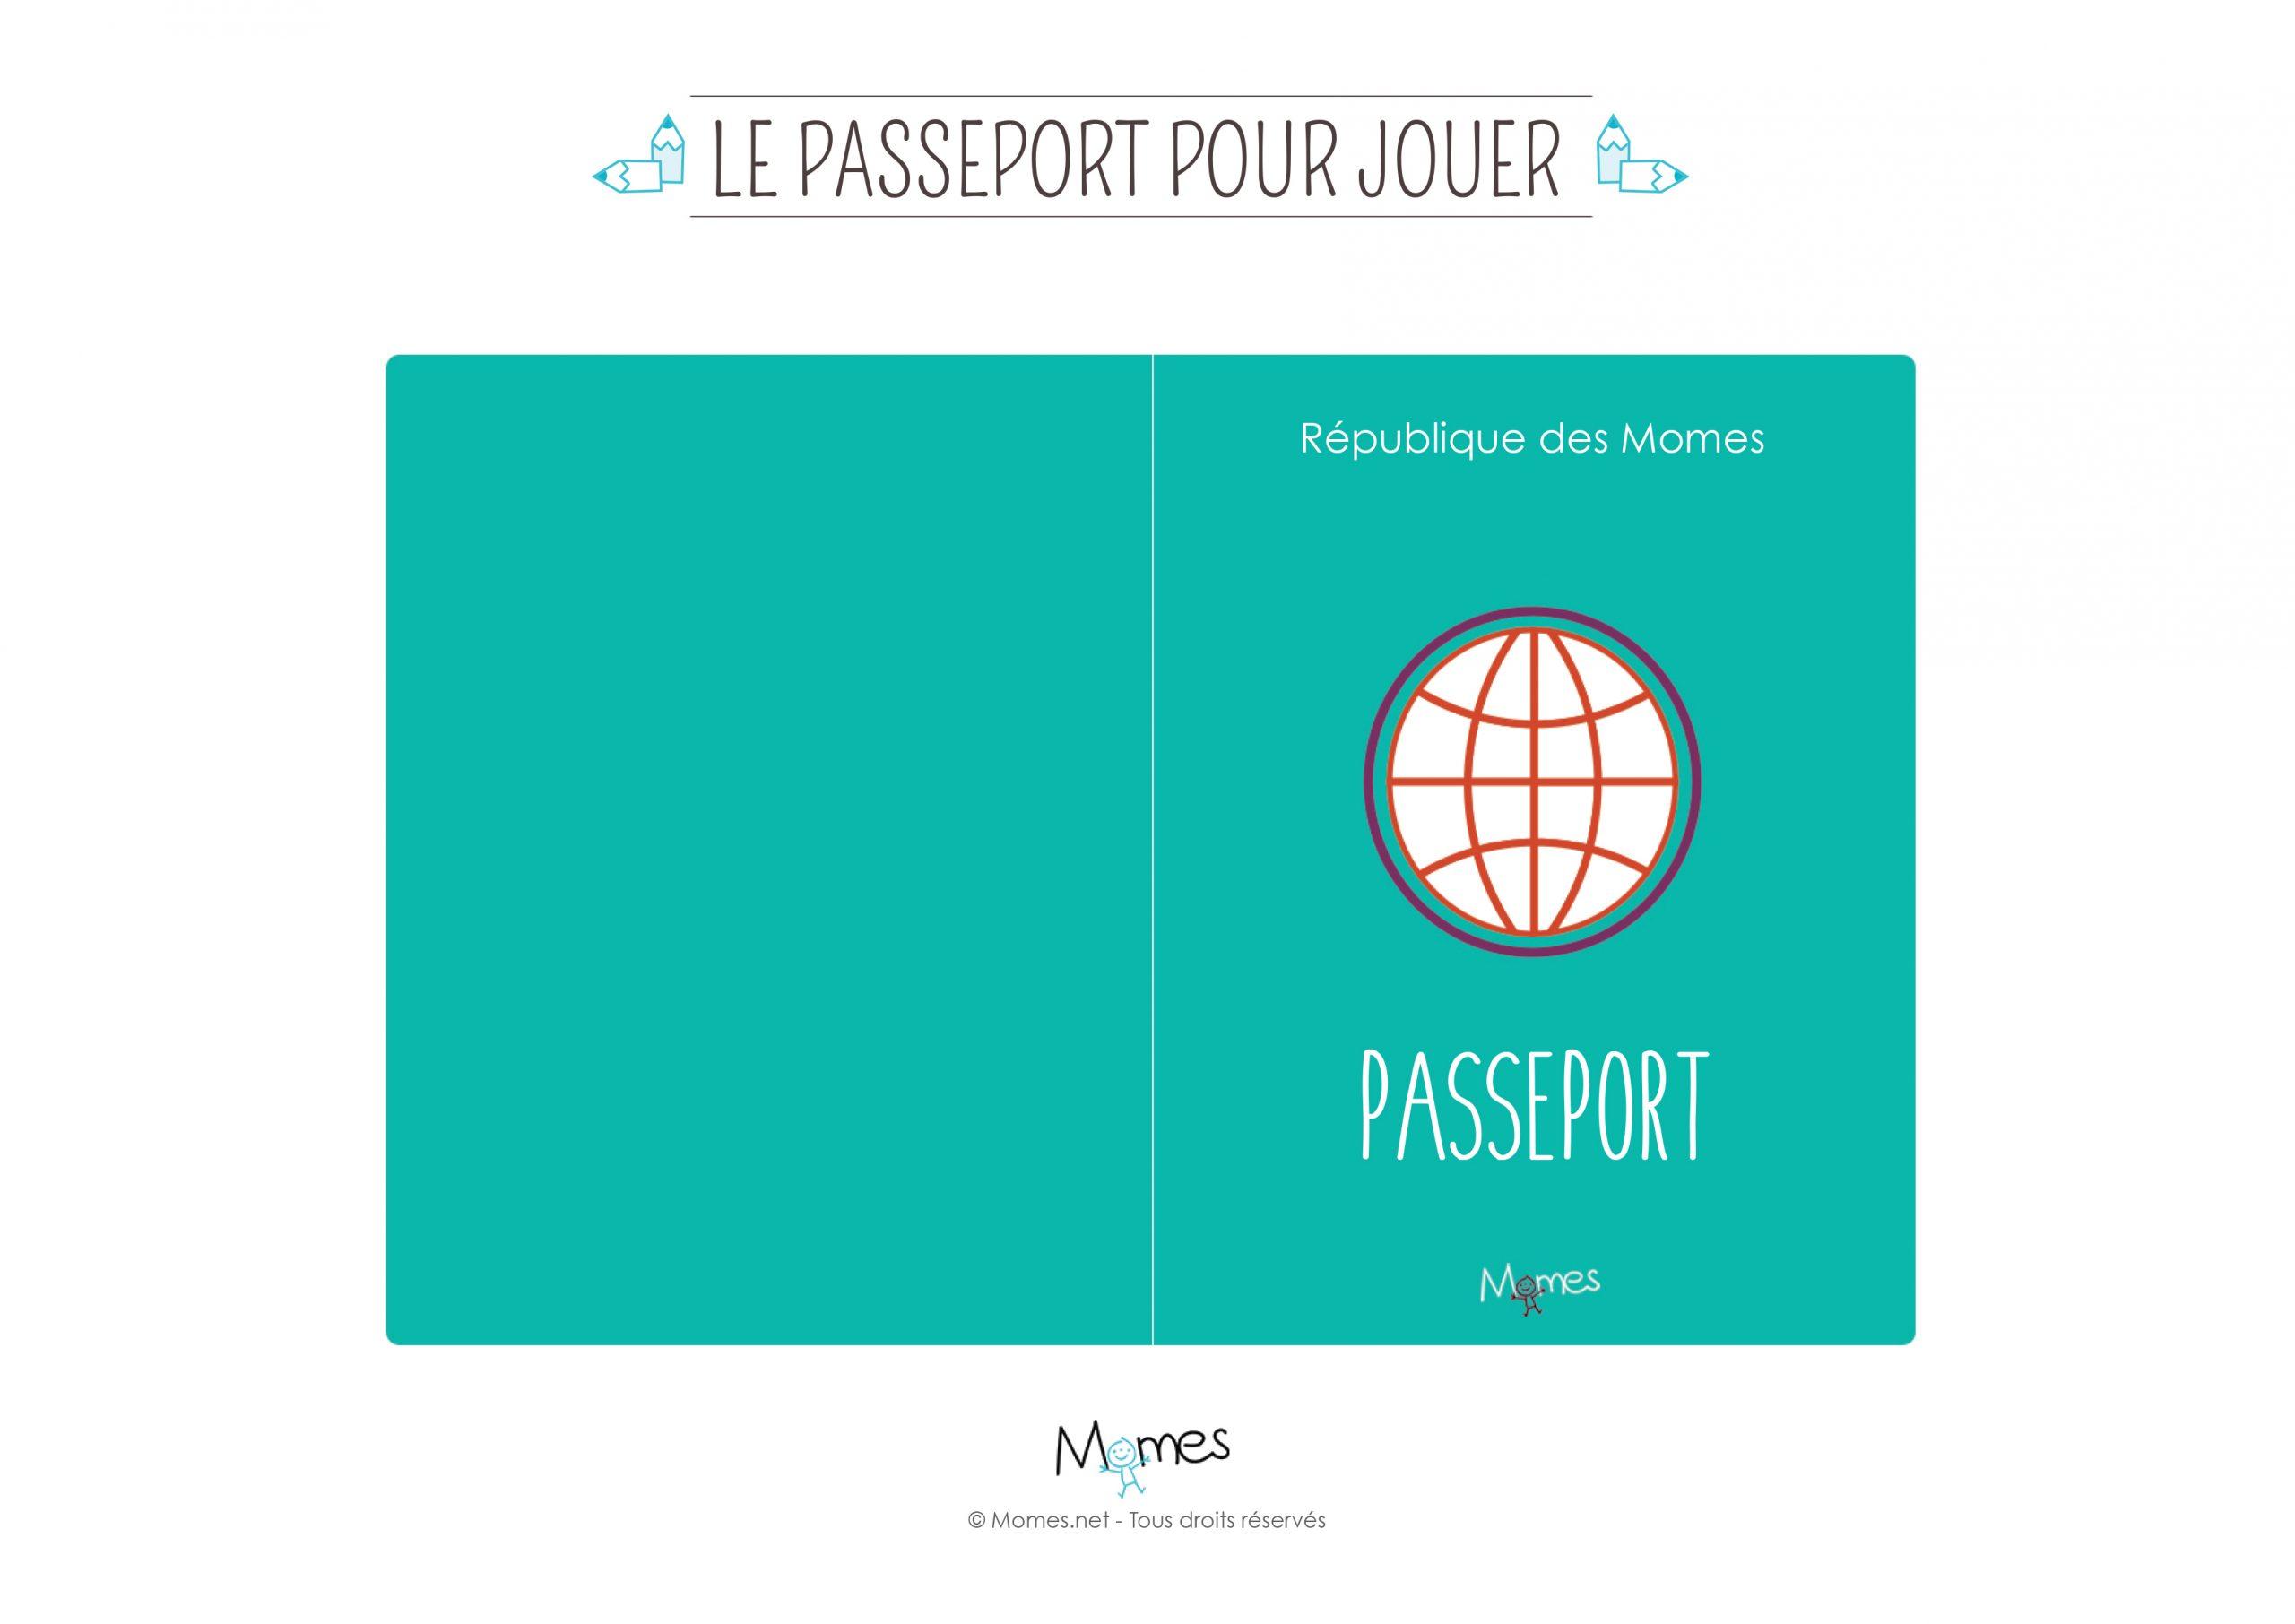 Passeport À Imprimer Pour Jouer - Momes pour Billet À Imprimer Pour Jouer